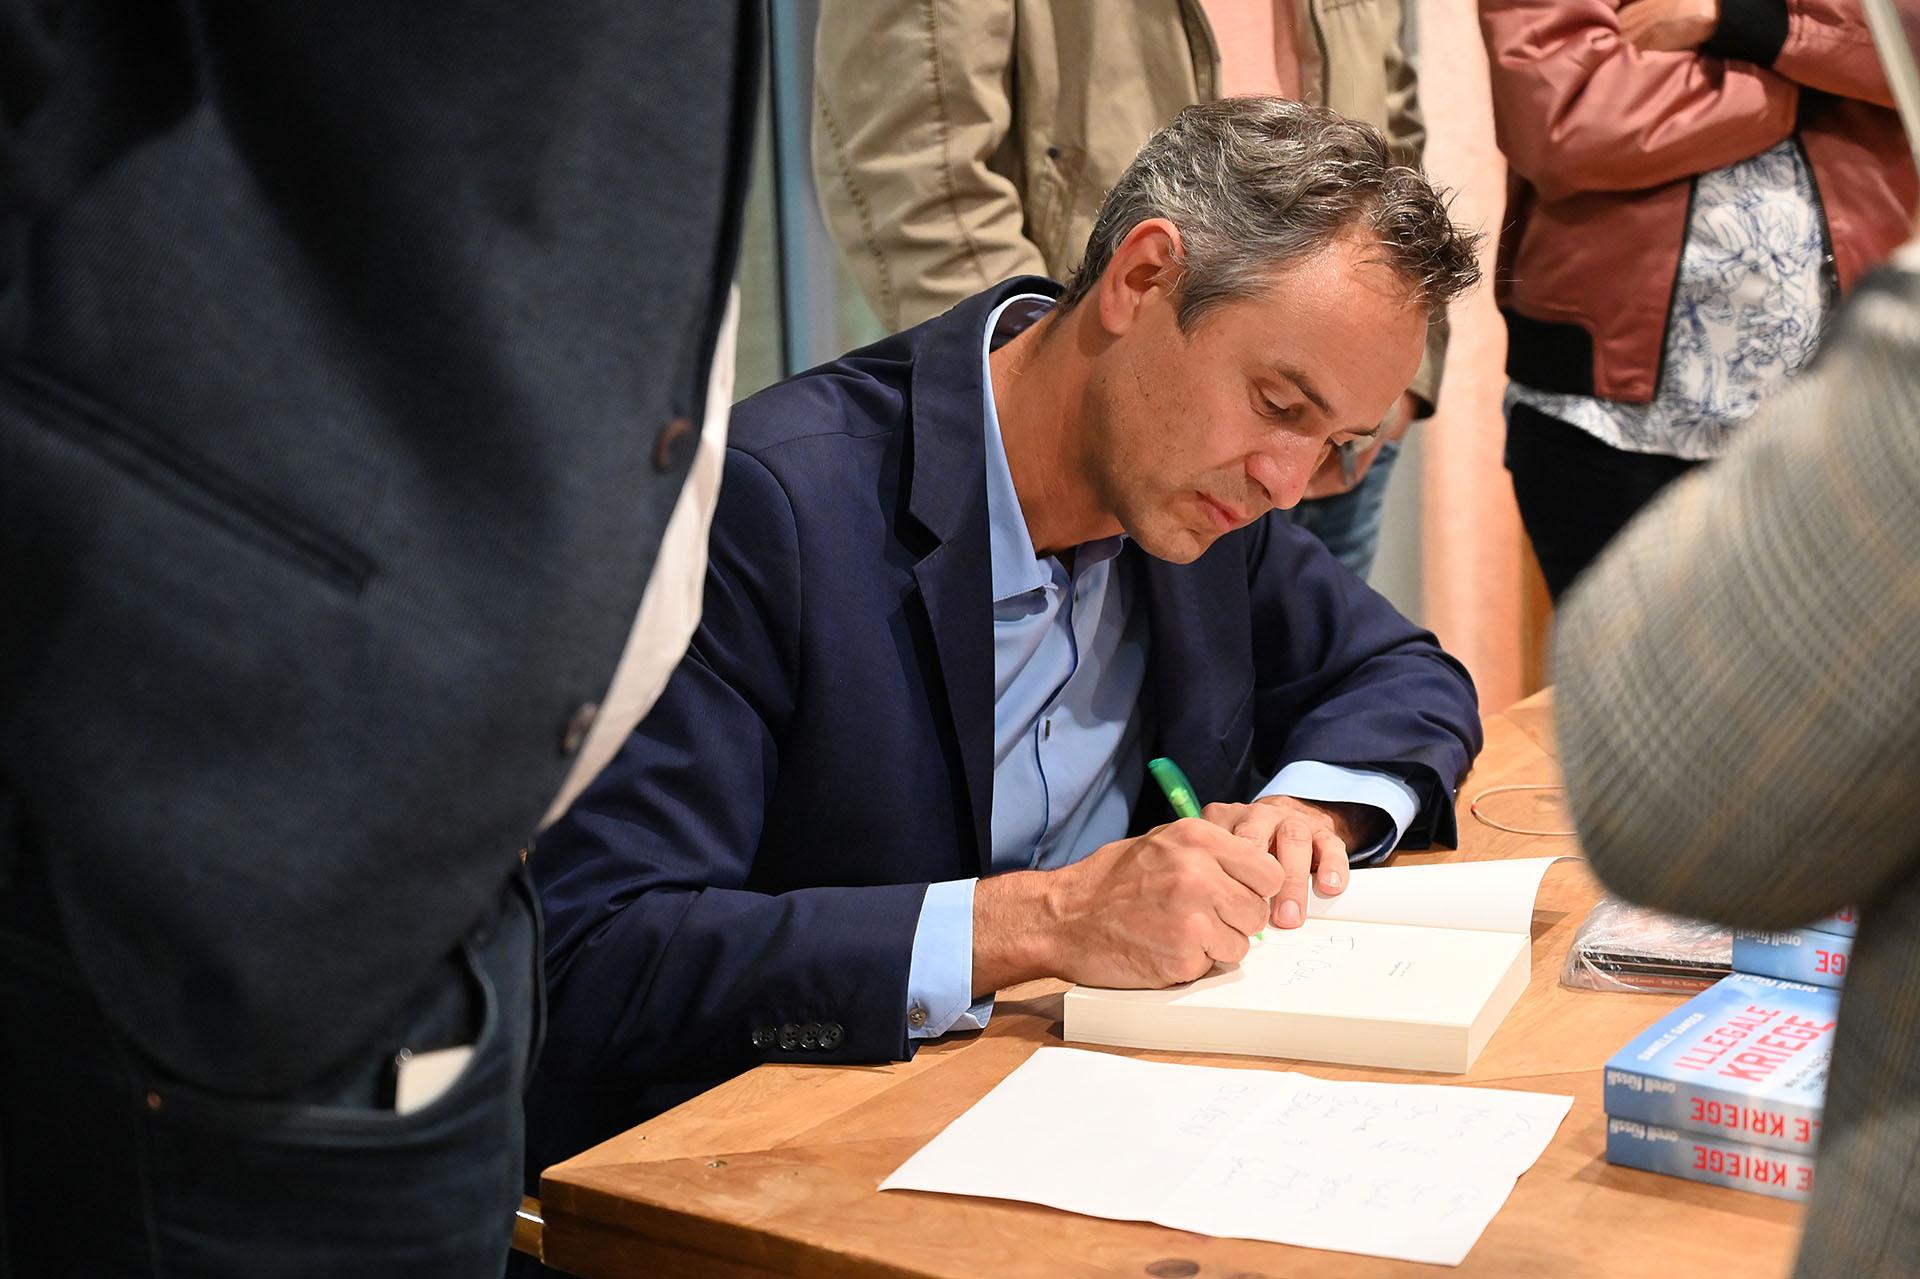 Bücher signieren